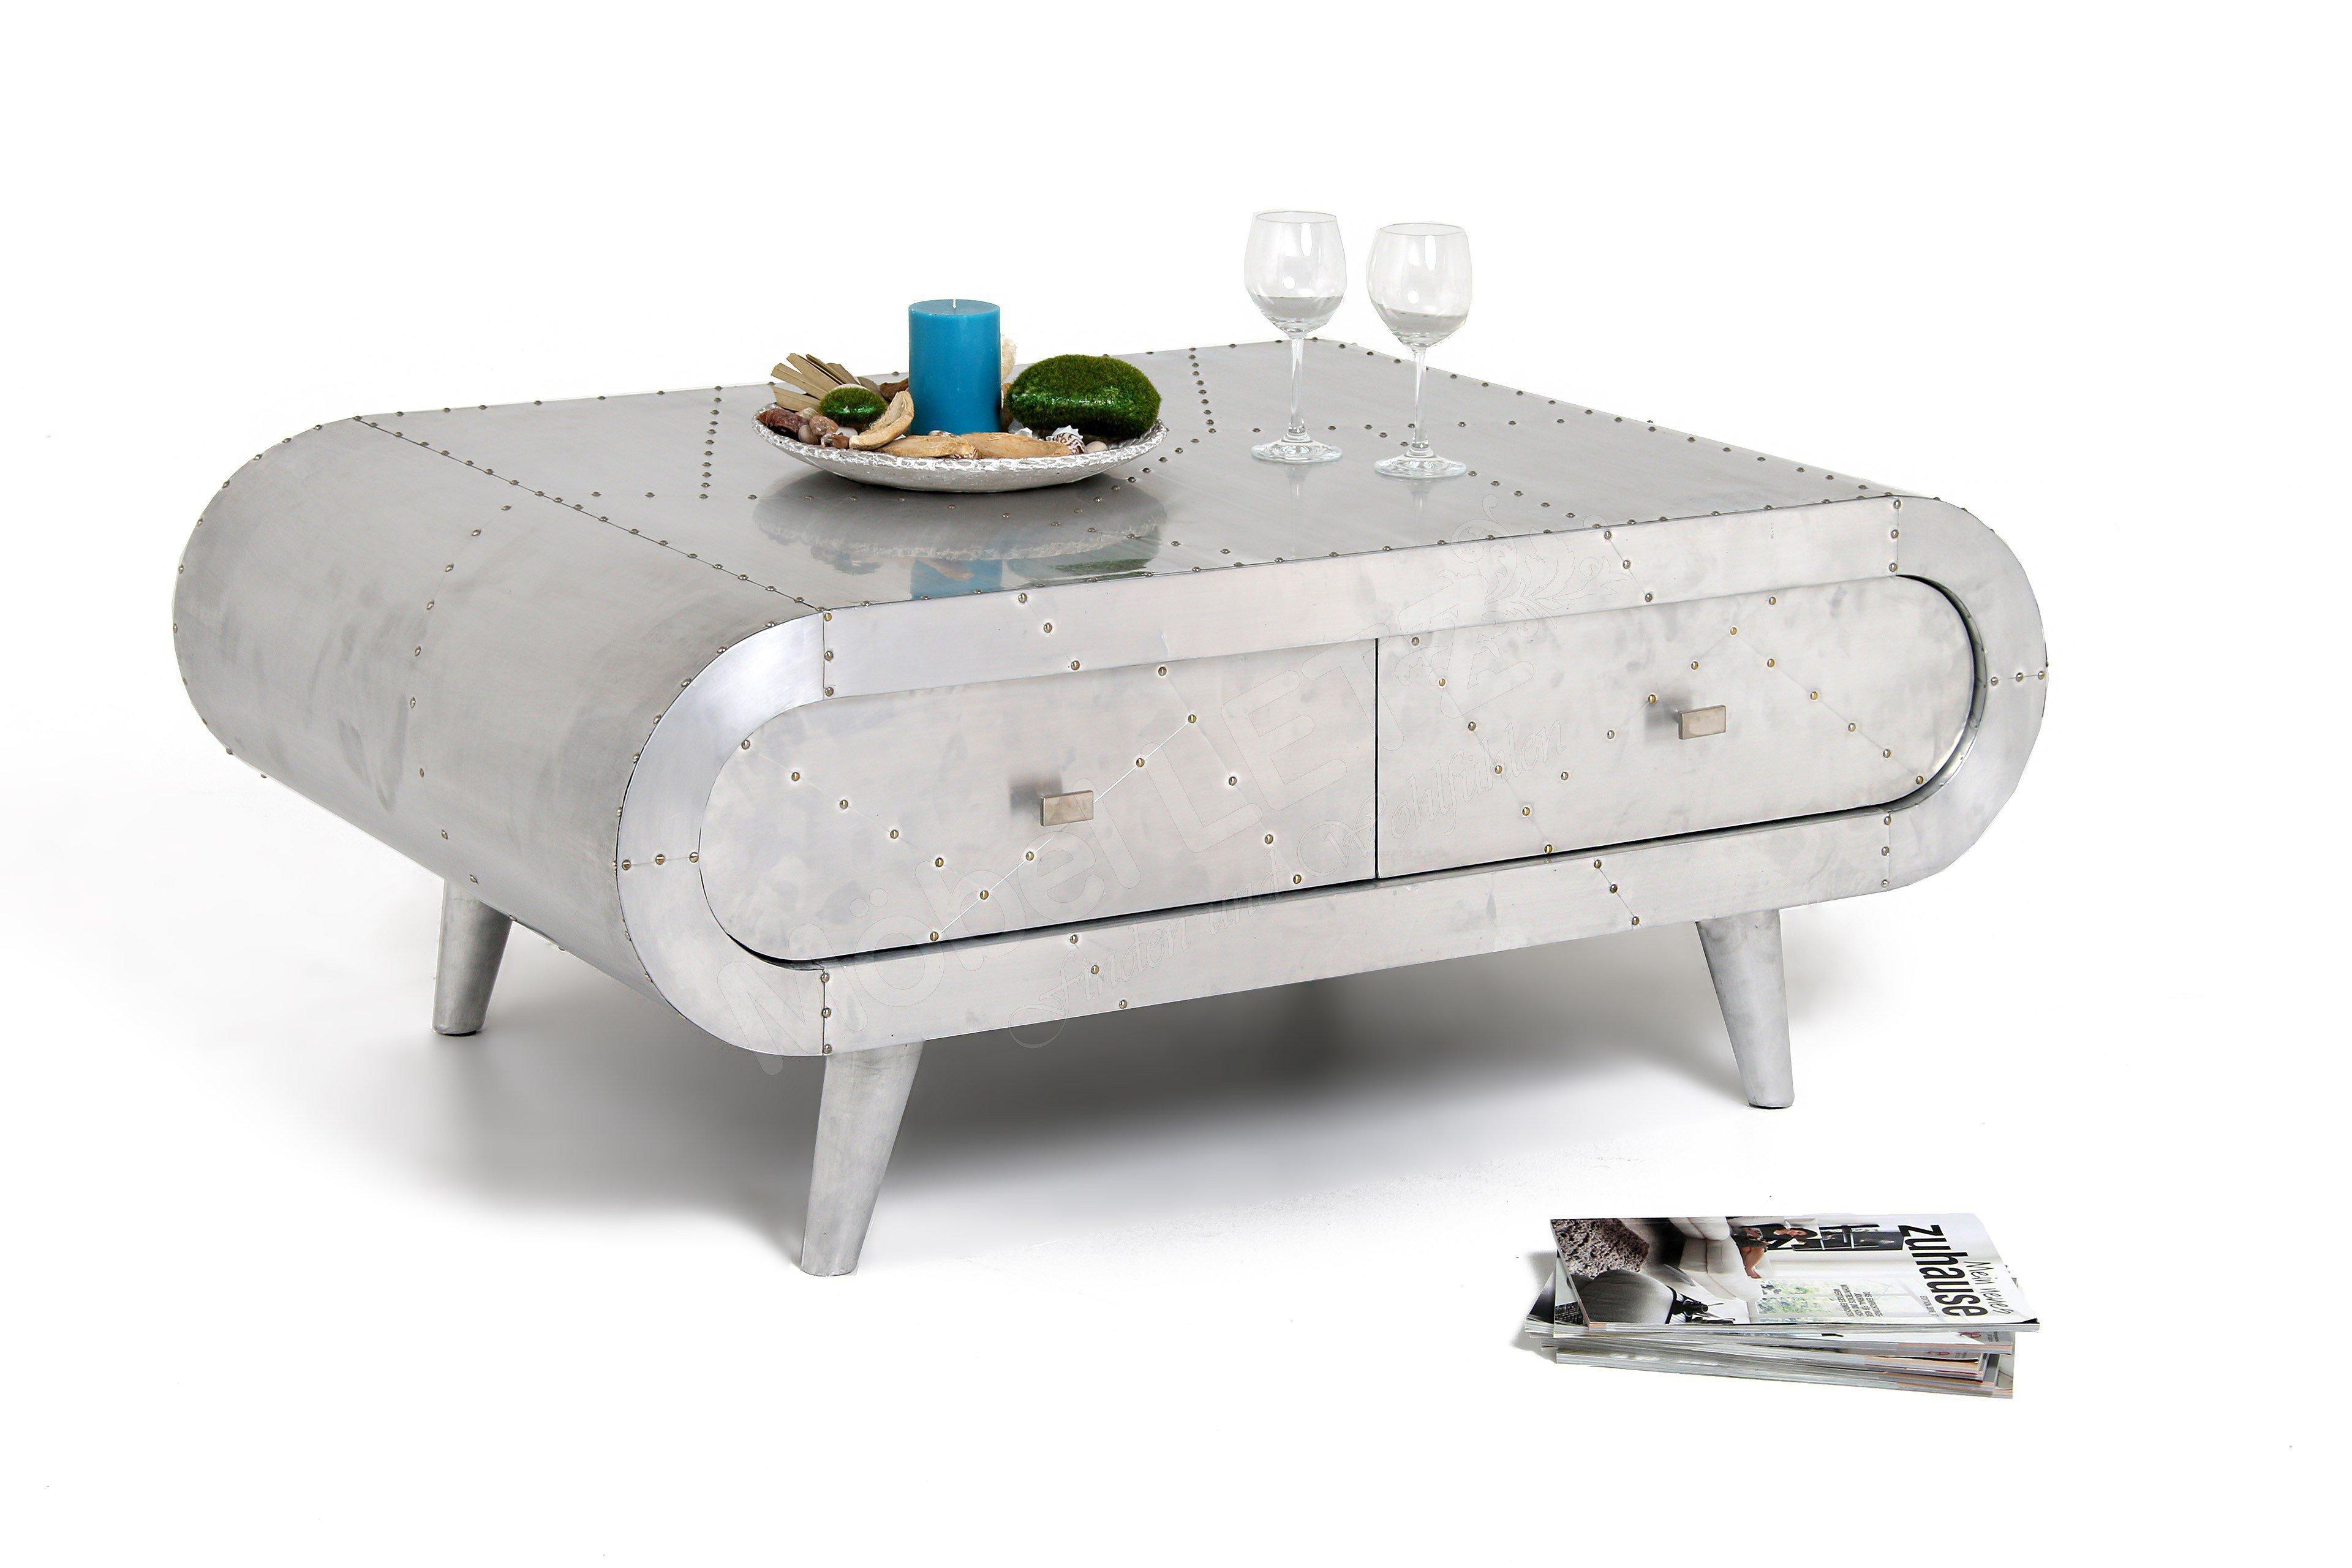 couchtisch philadelphia in alu optik aus der kollektion letz m bel letz ihr online shop. Black Bedroom Furniture Sets. Home Design Ideas